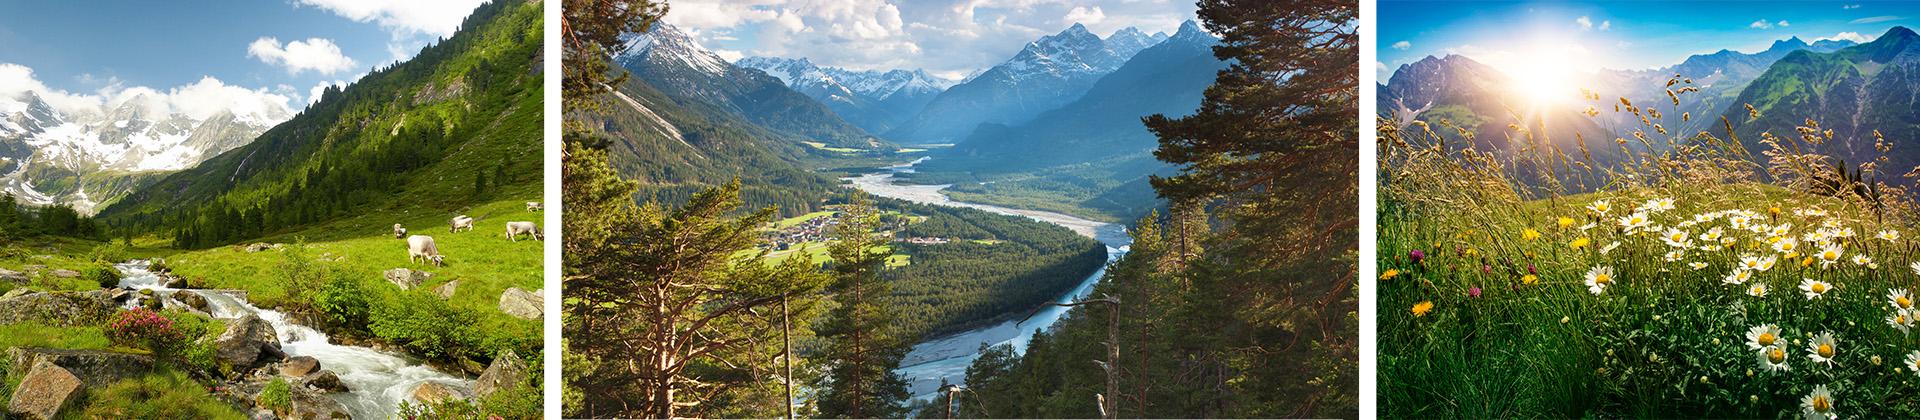 Vorarlberger Natur im Frühling